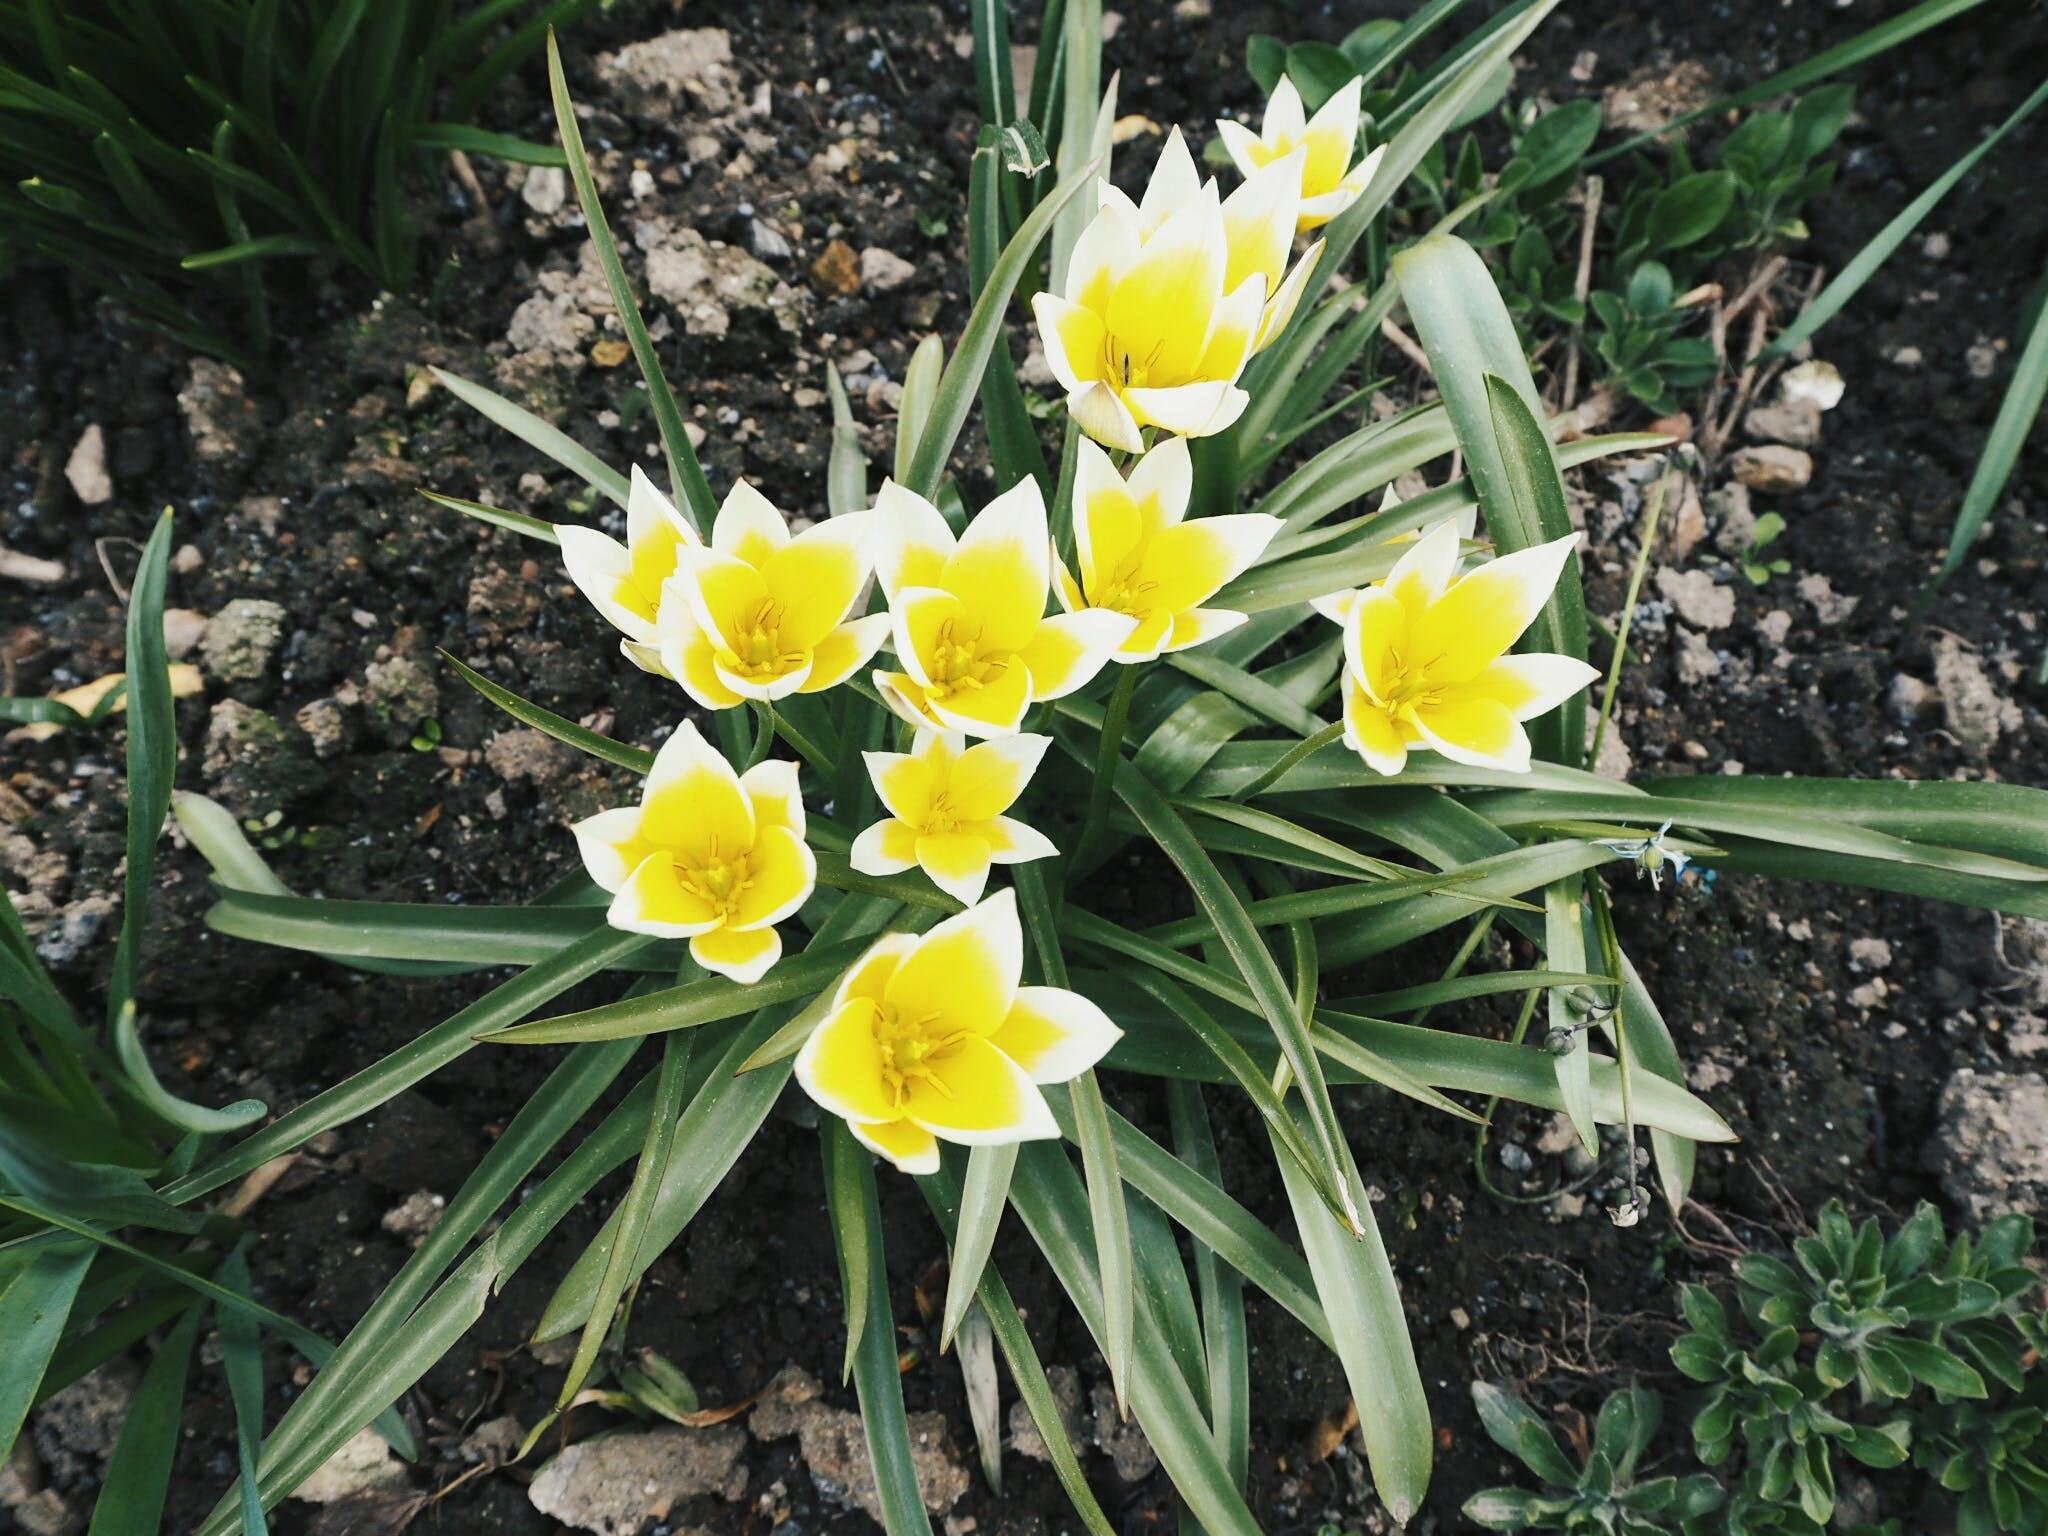 Kostenloses Stock Foto zu blume, gelb, gelbe blume, natur